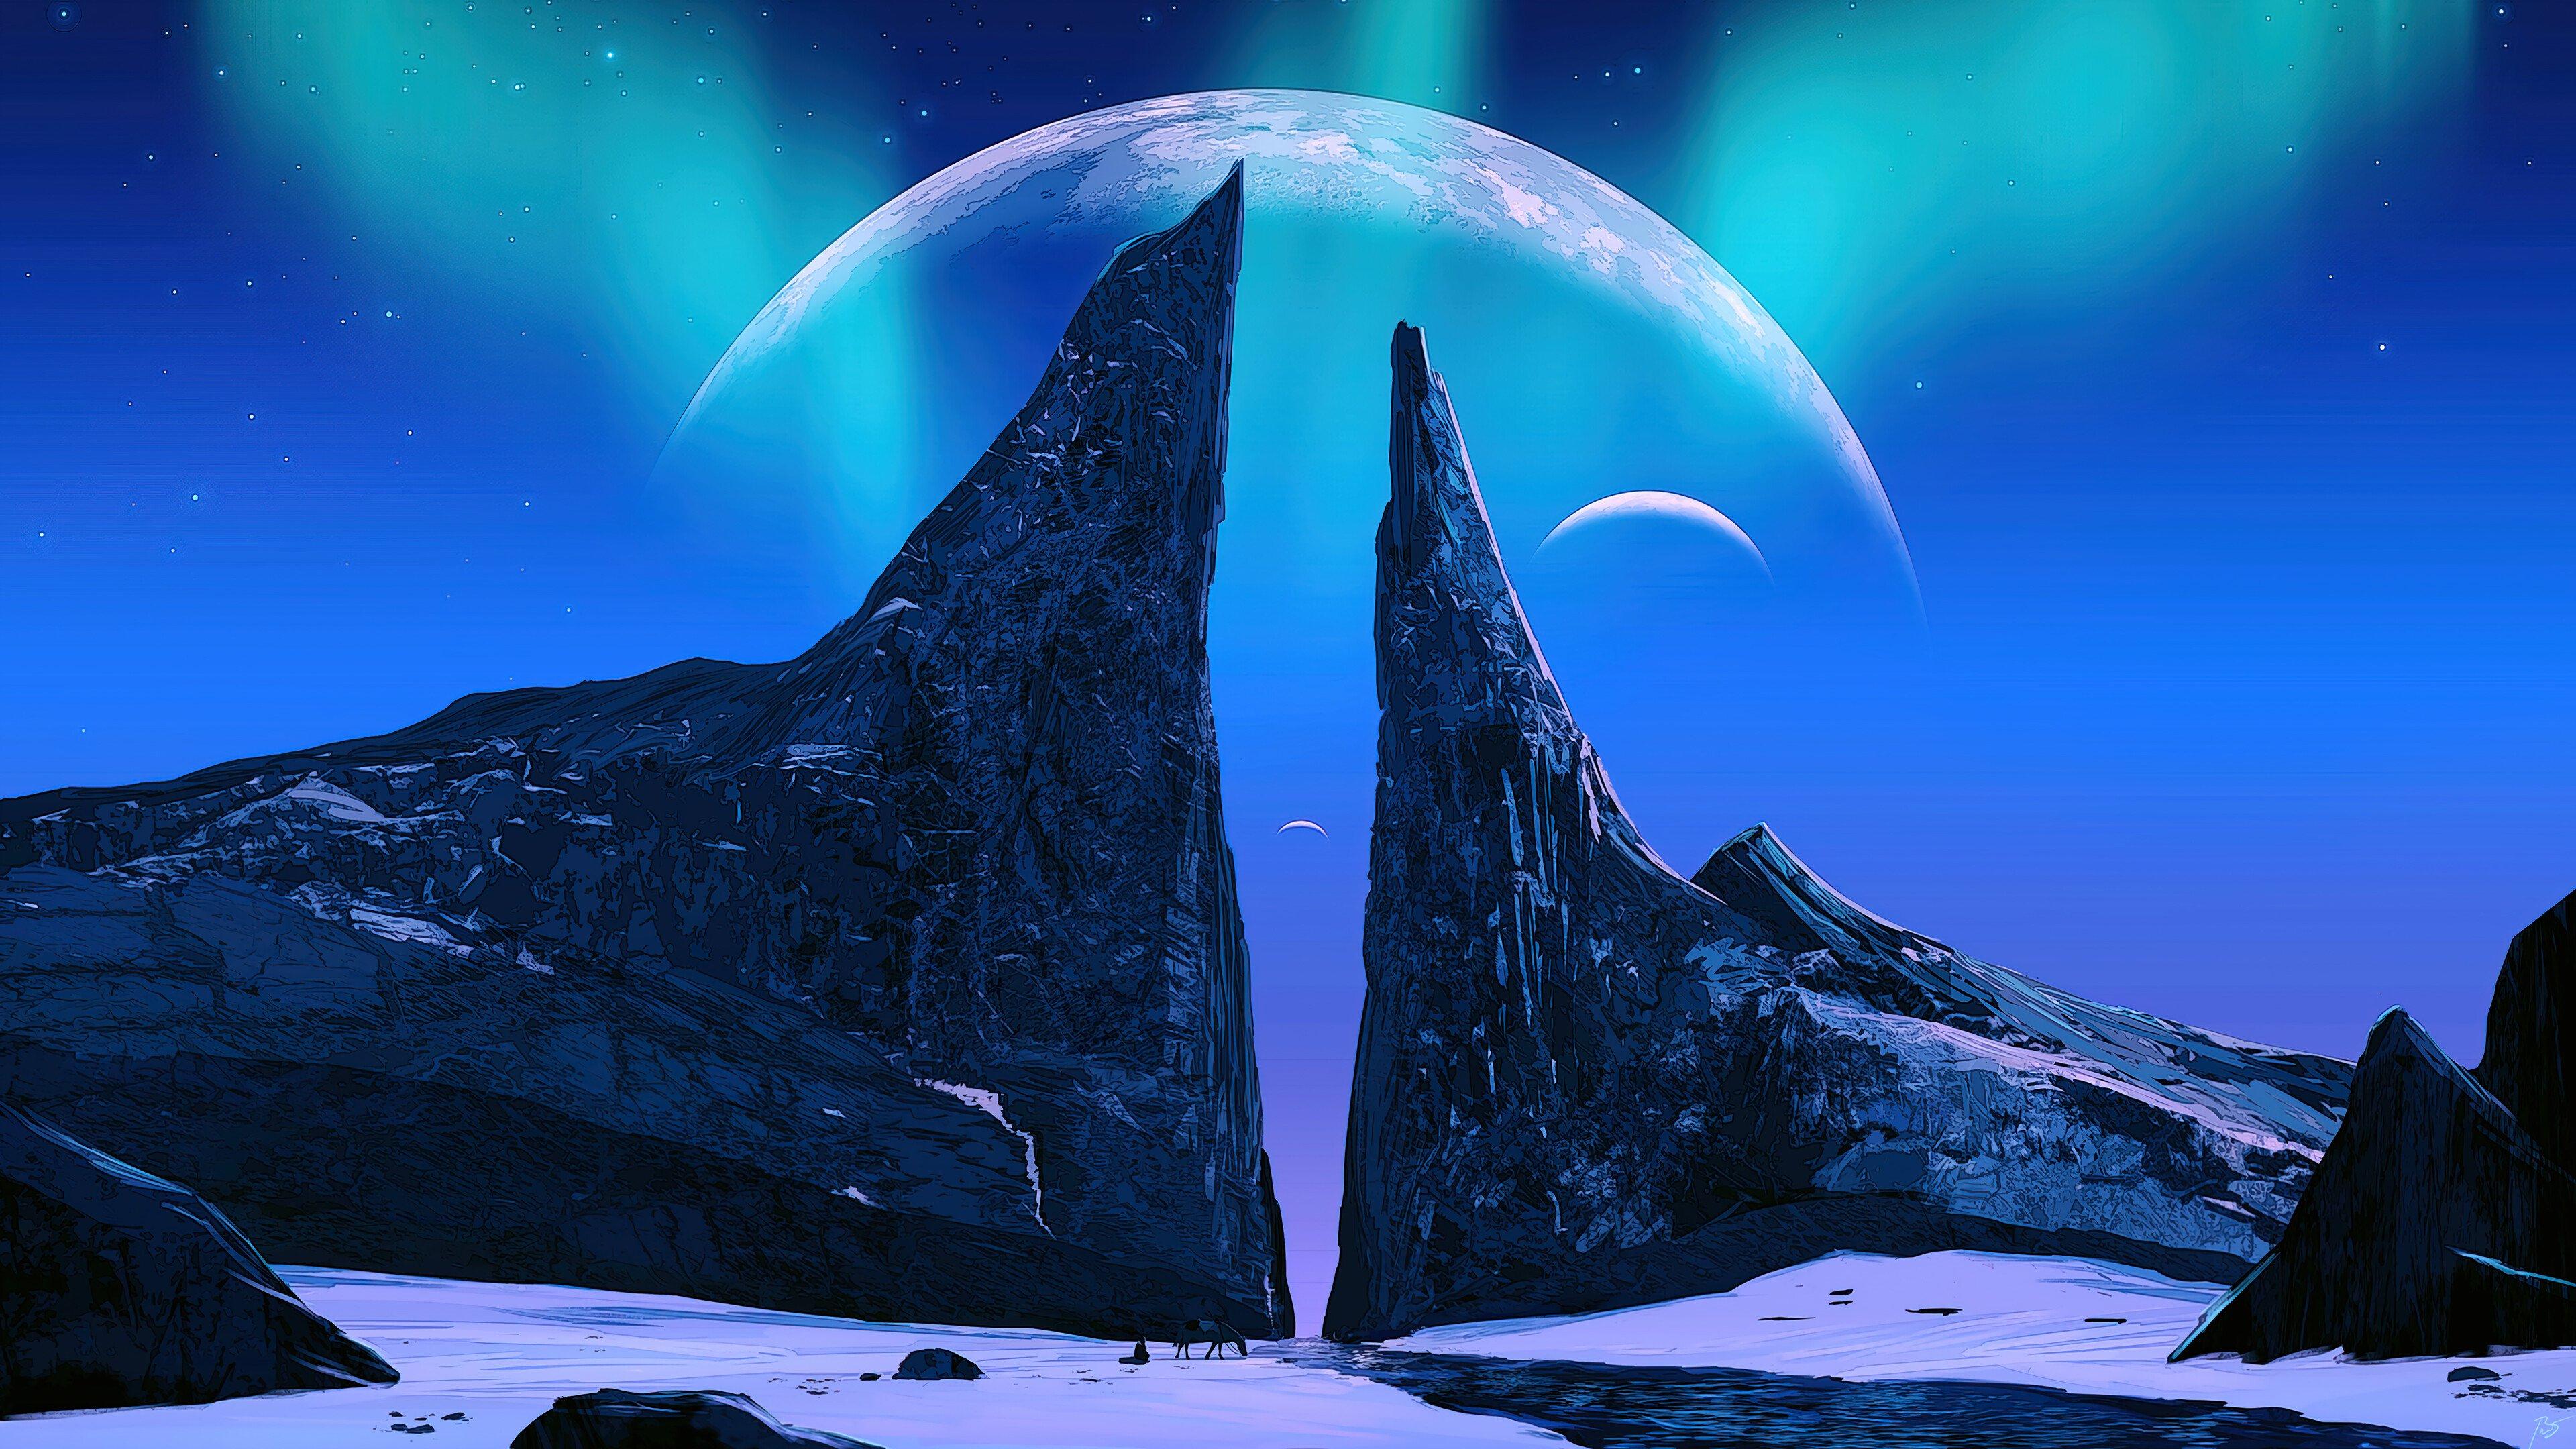 Fondos de pantalla Aurora Polar con montañas y la luna de fondo